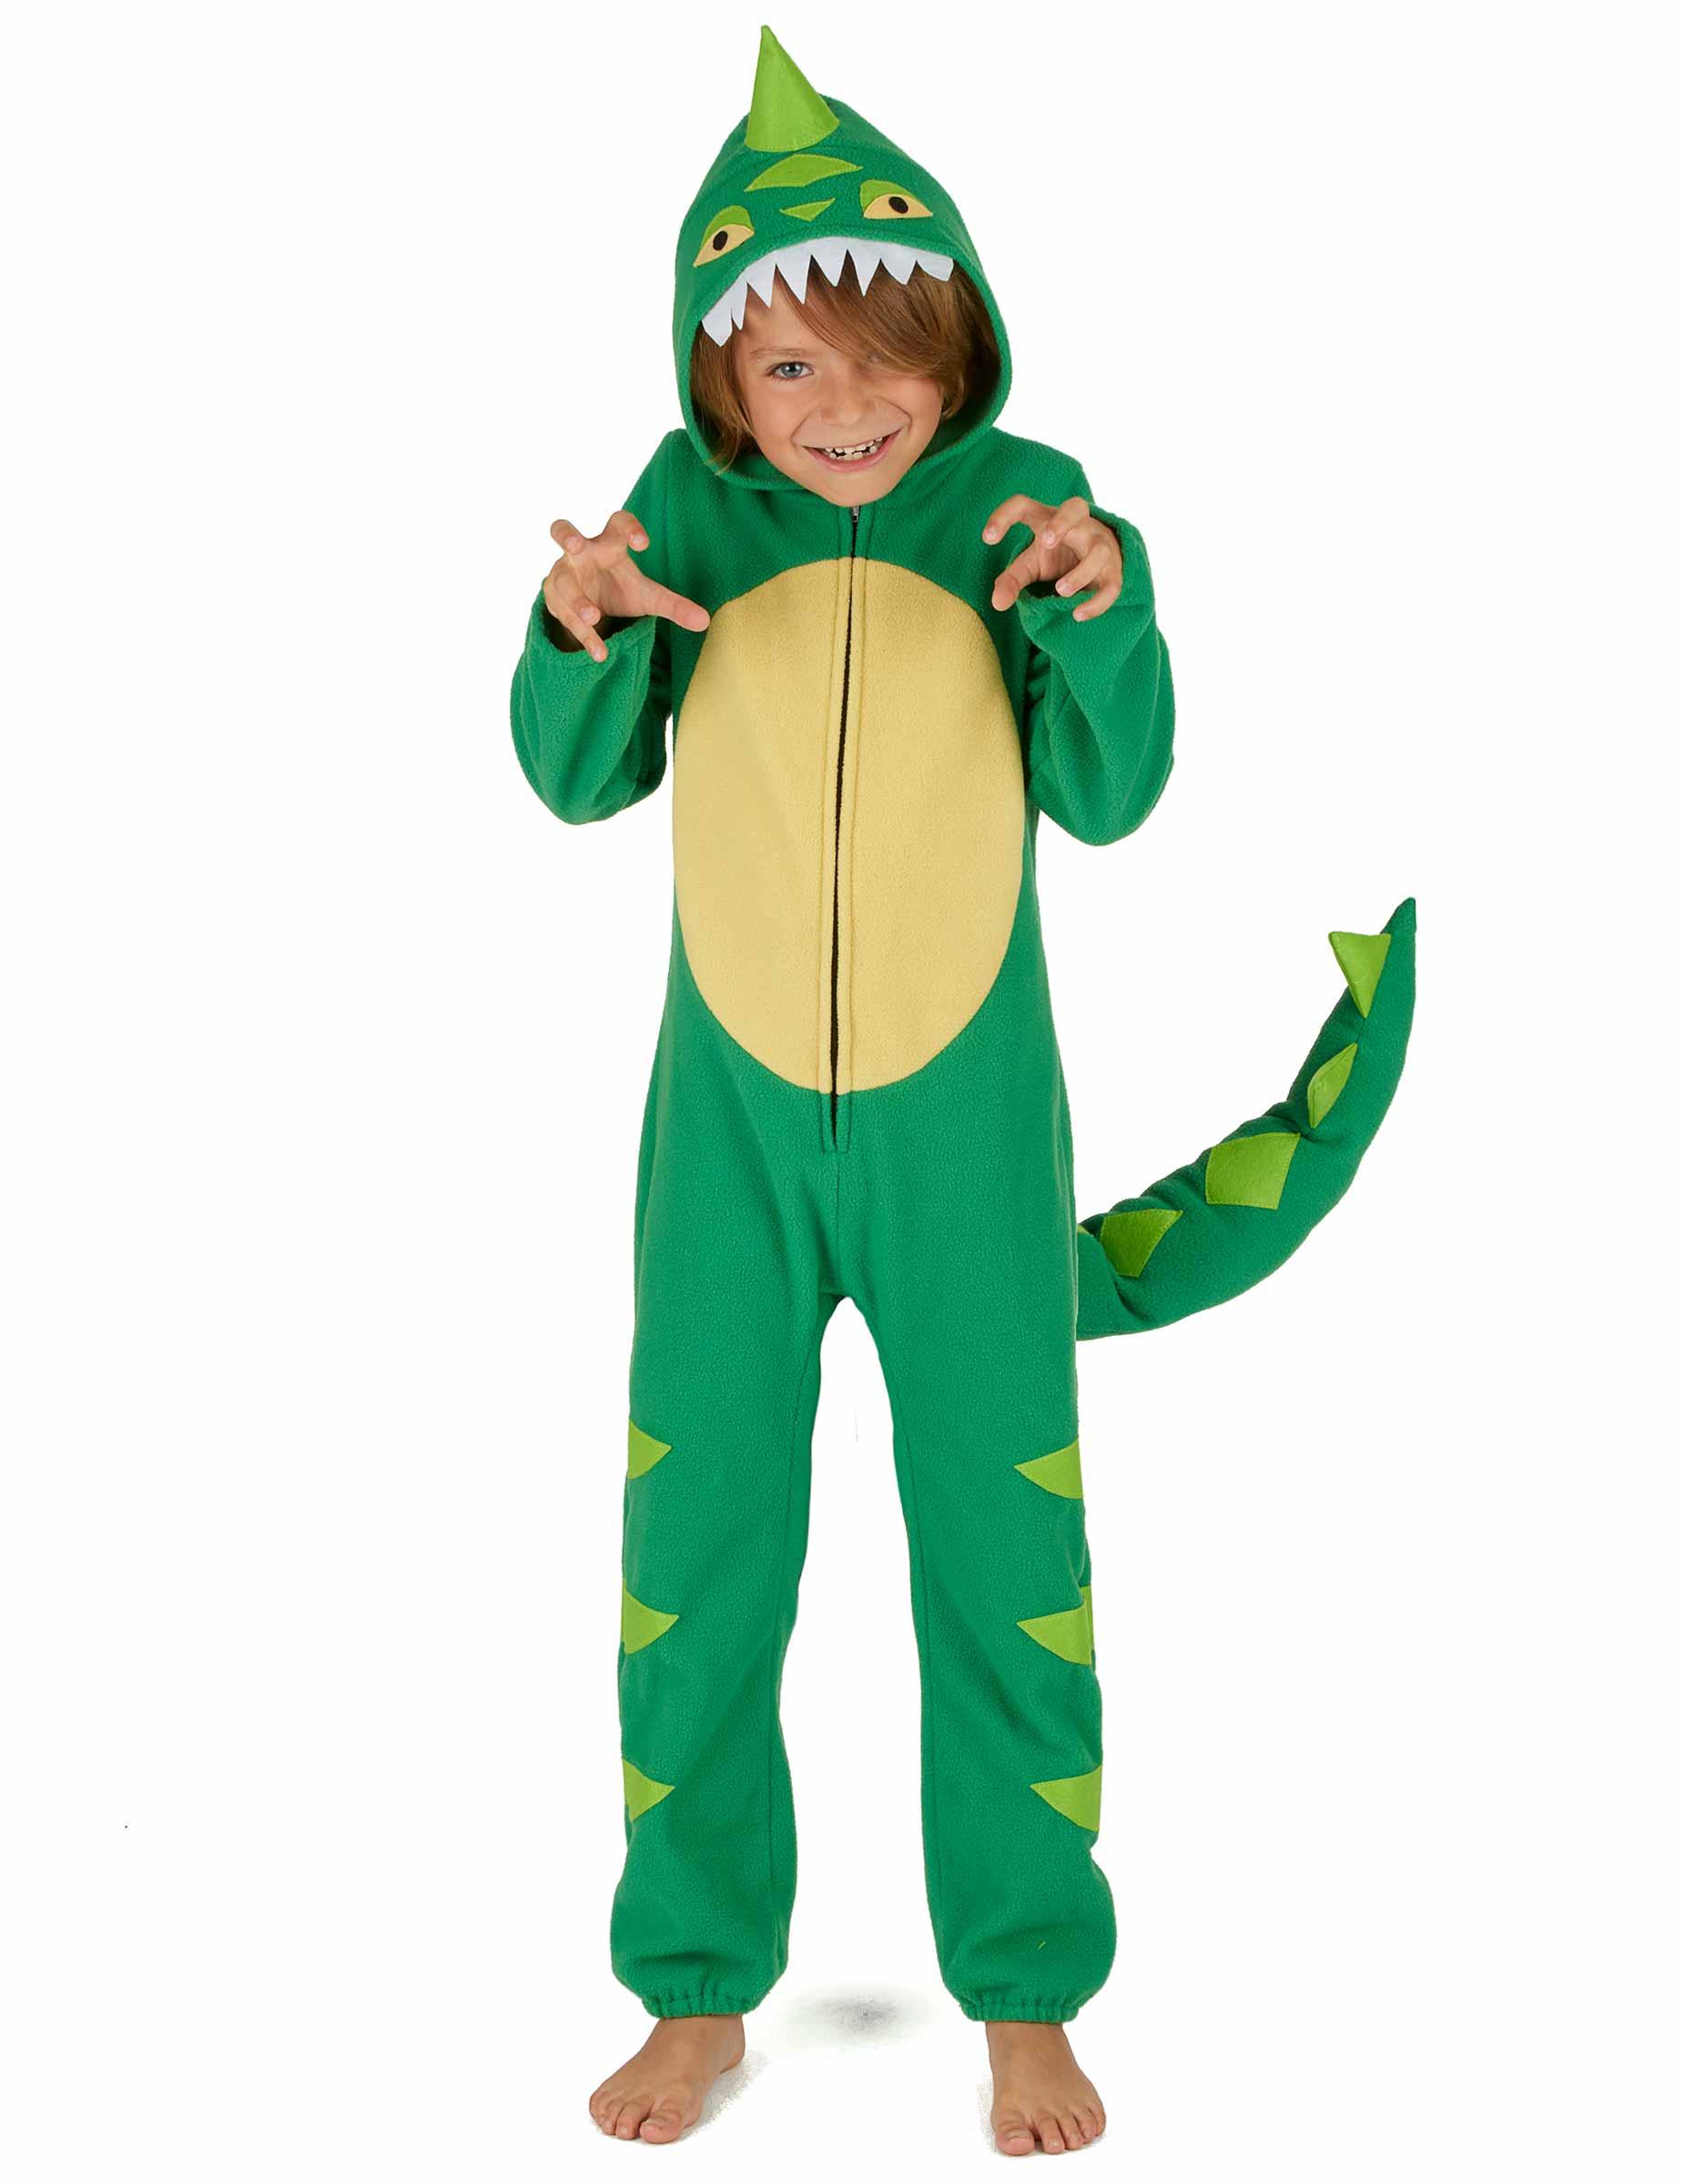 Dinosaurier Kinderkostum Kleiner Drachen Grun Gunstige Faschings